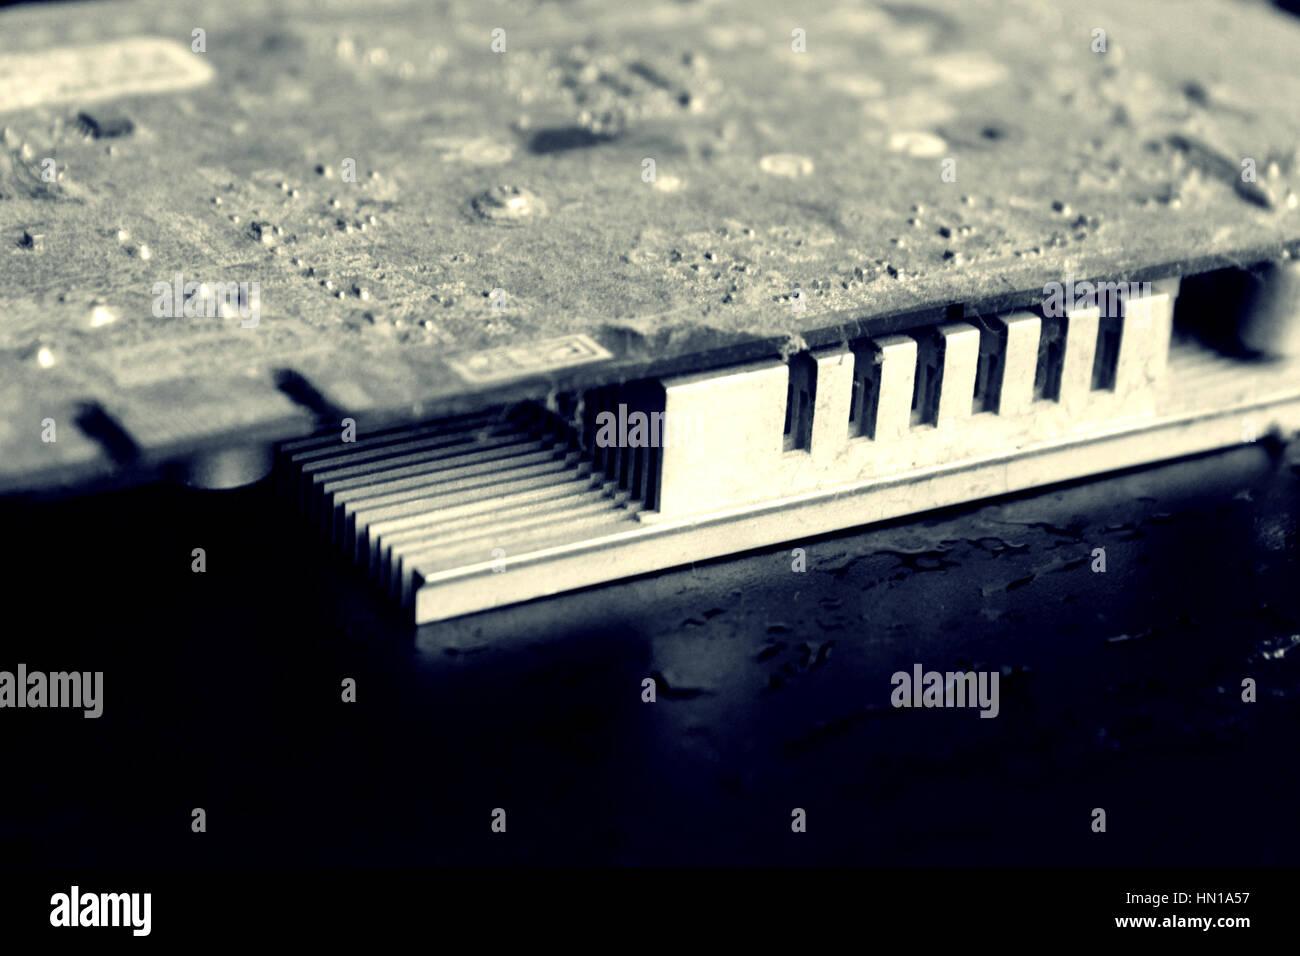 Chip, Computergrafik in den Staub auf dem schwarzen Hintergrund für Design, Nahaufnahme Stockbild